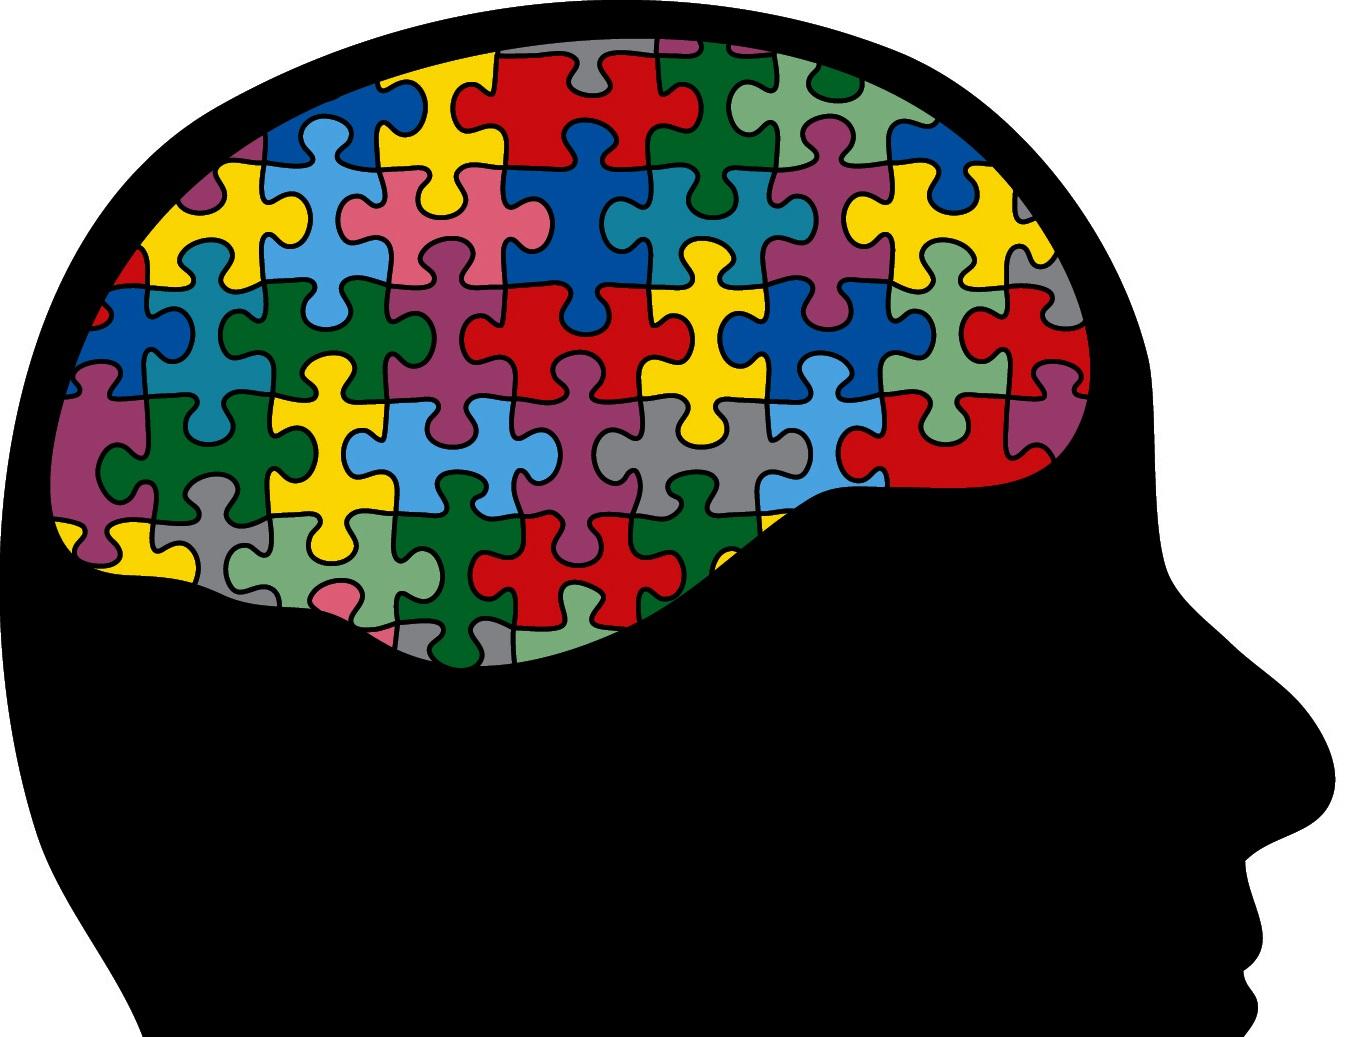 Brain puzzle.jpg